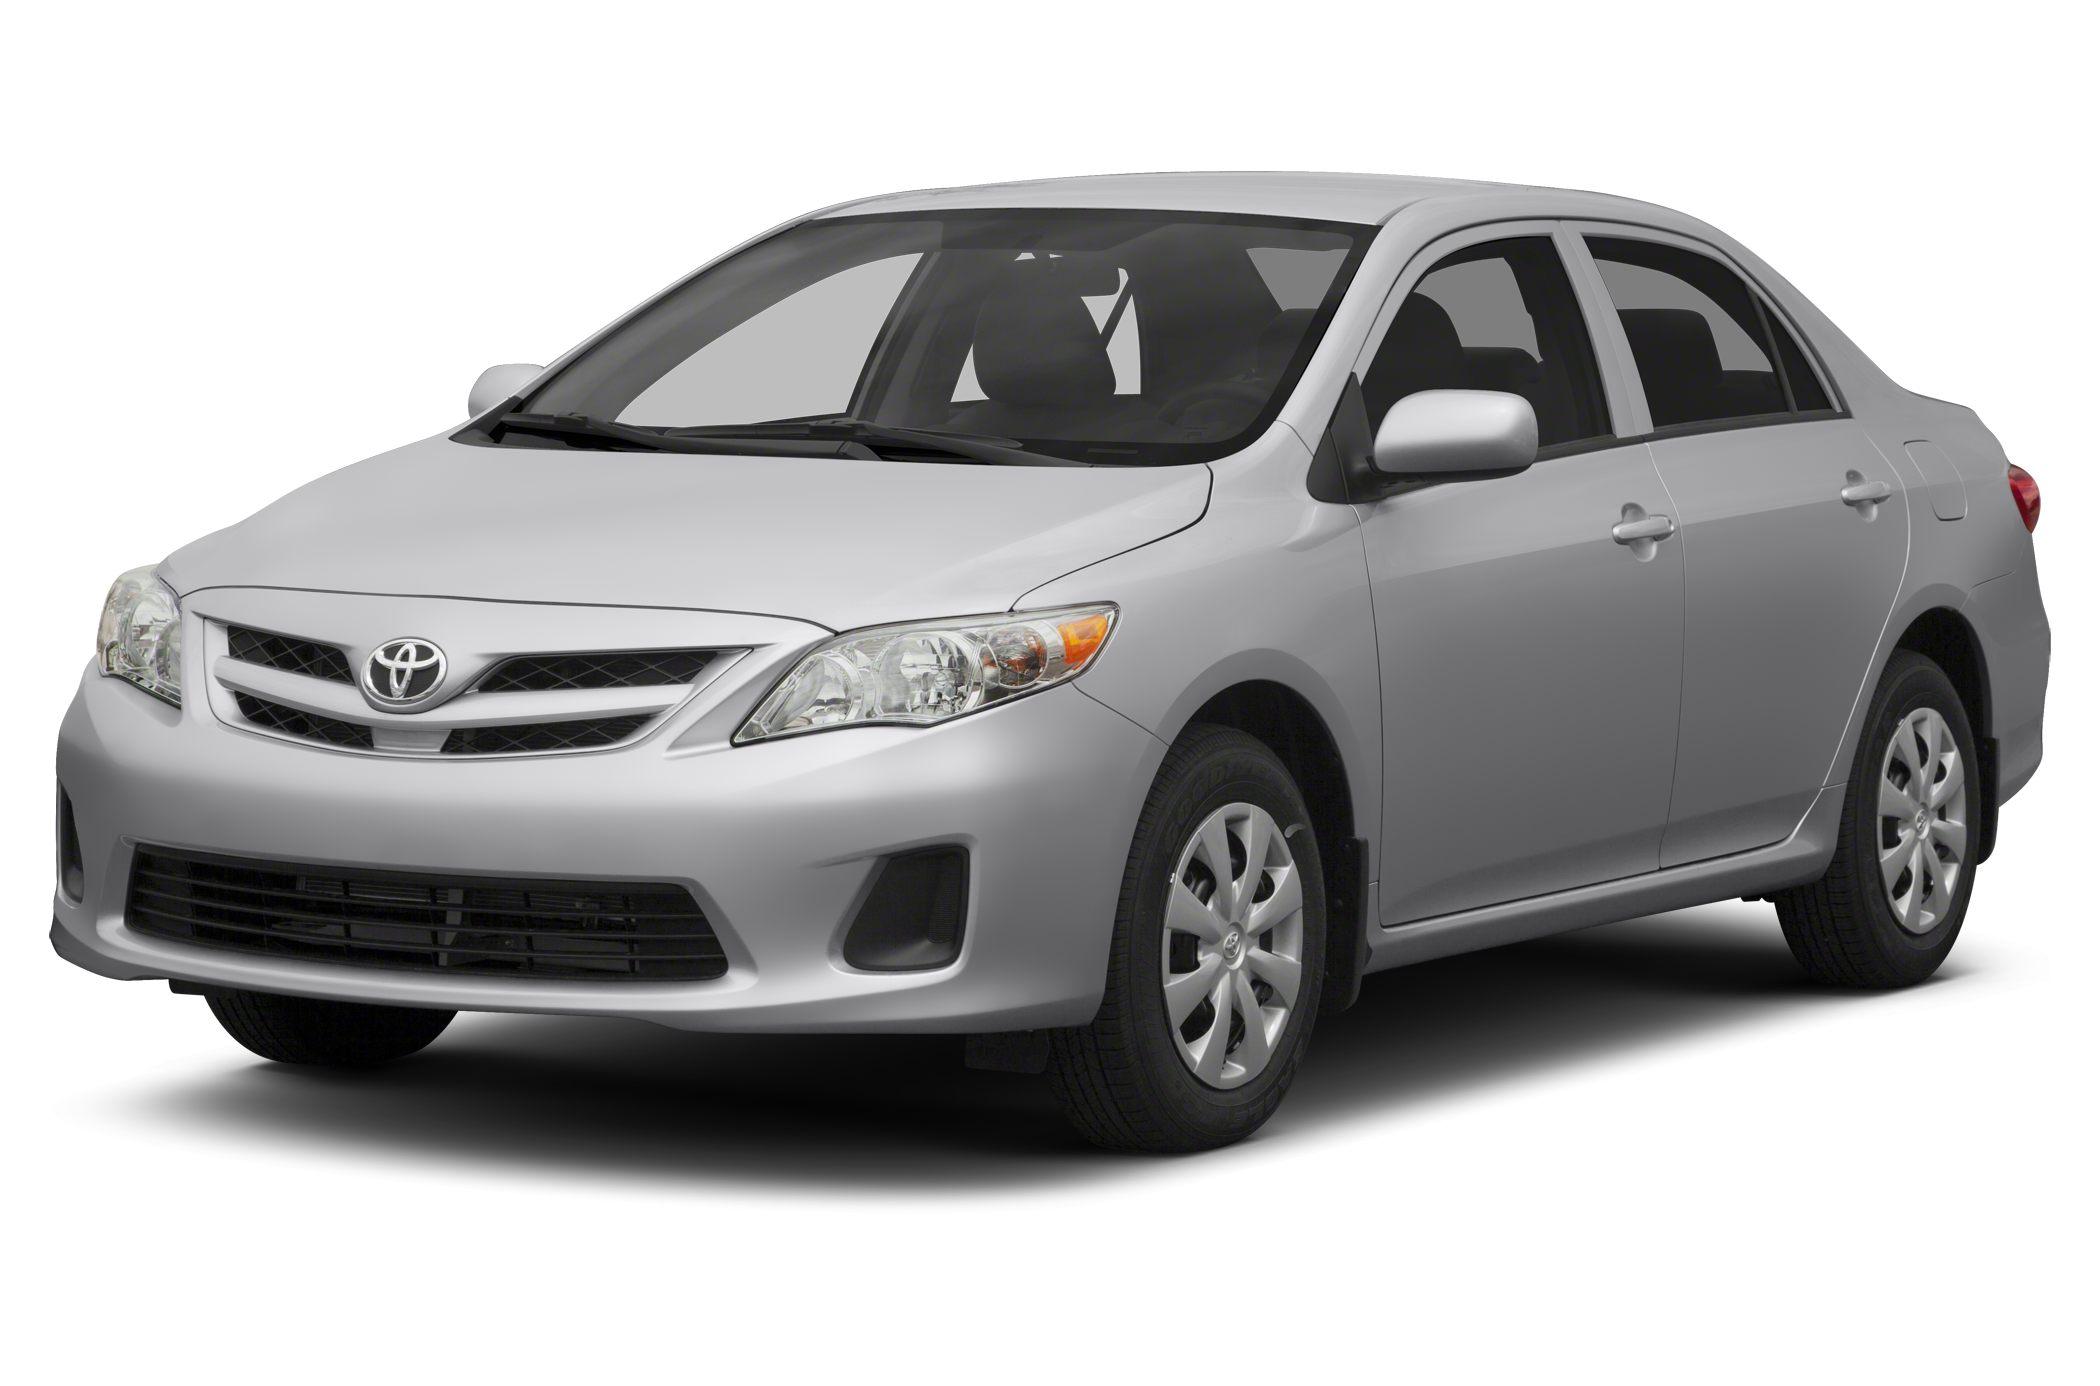 Toyota Corolla Repair Manual: Road test